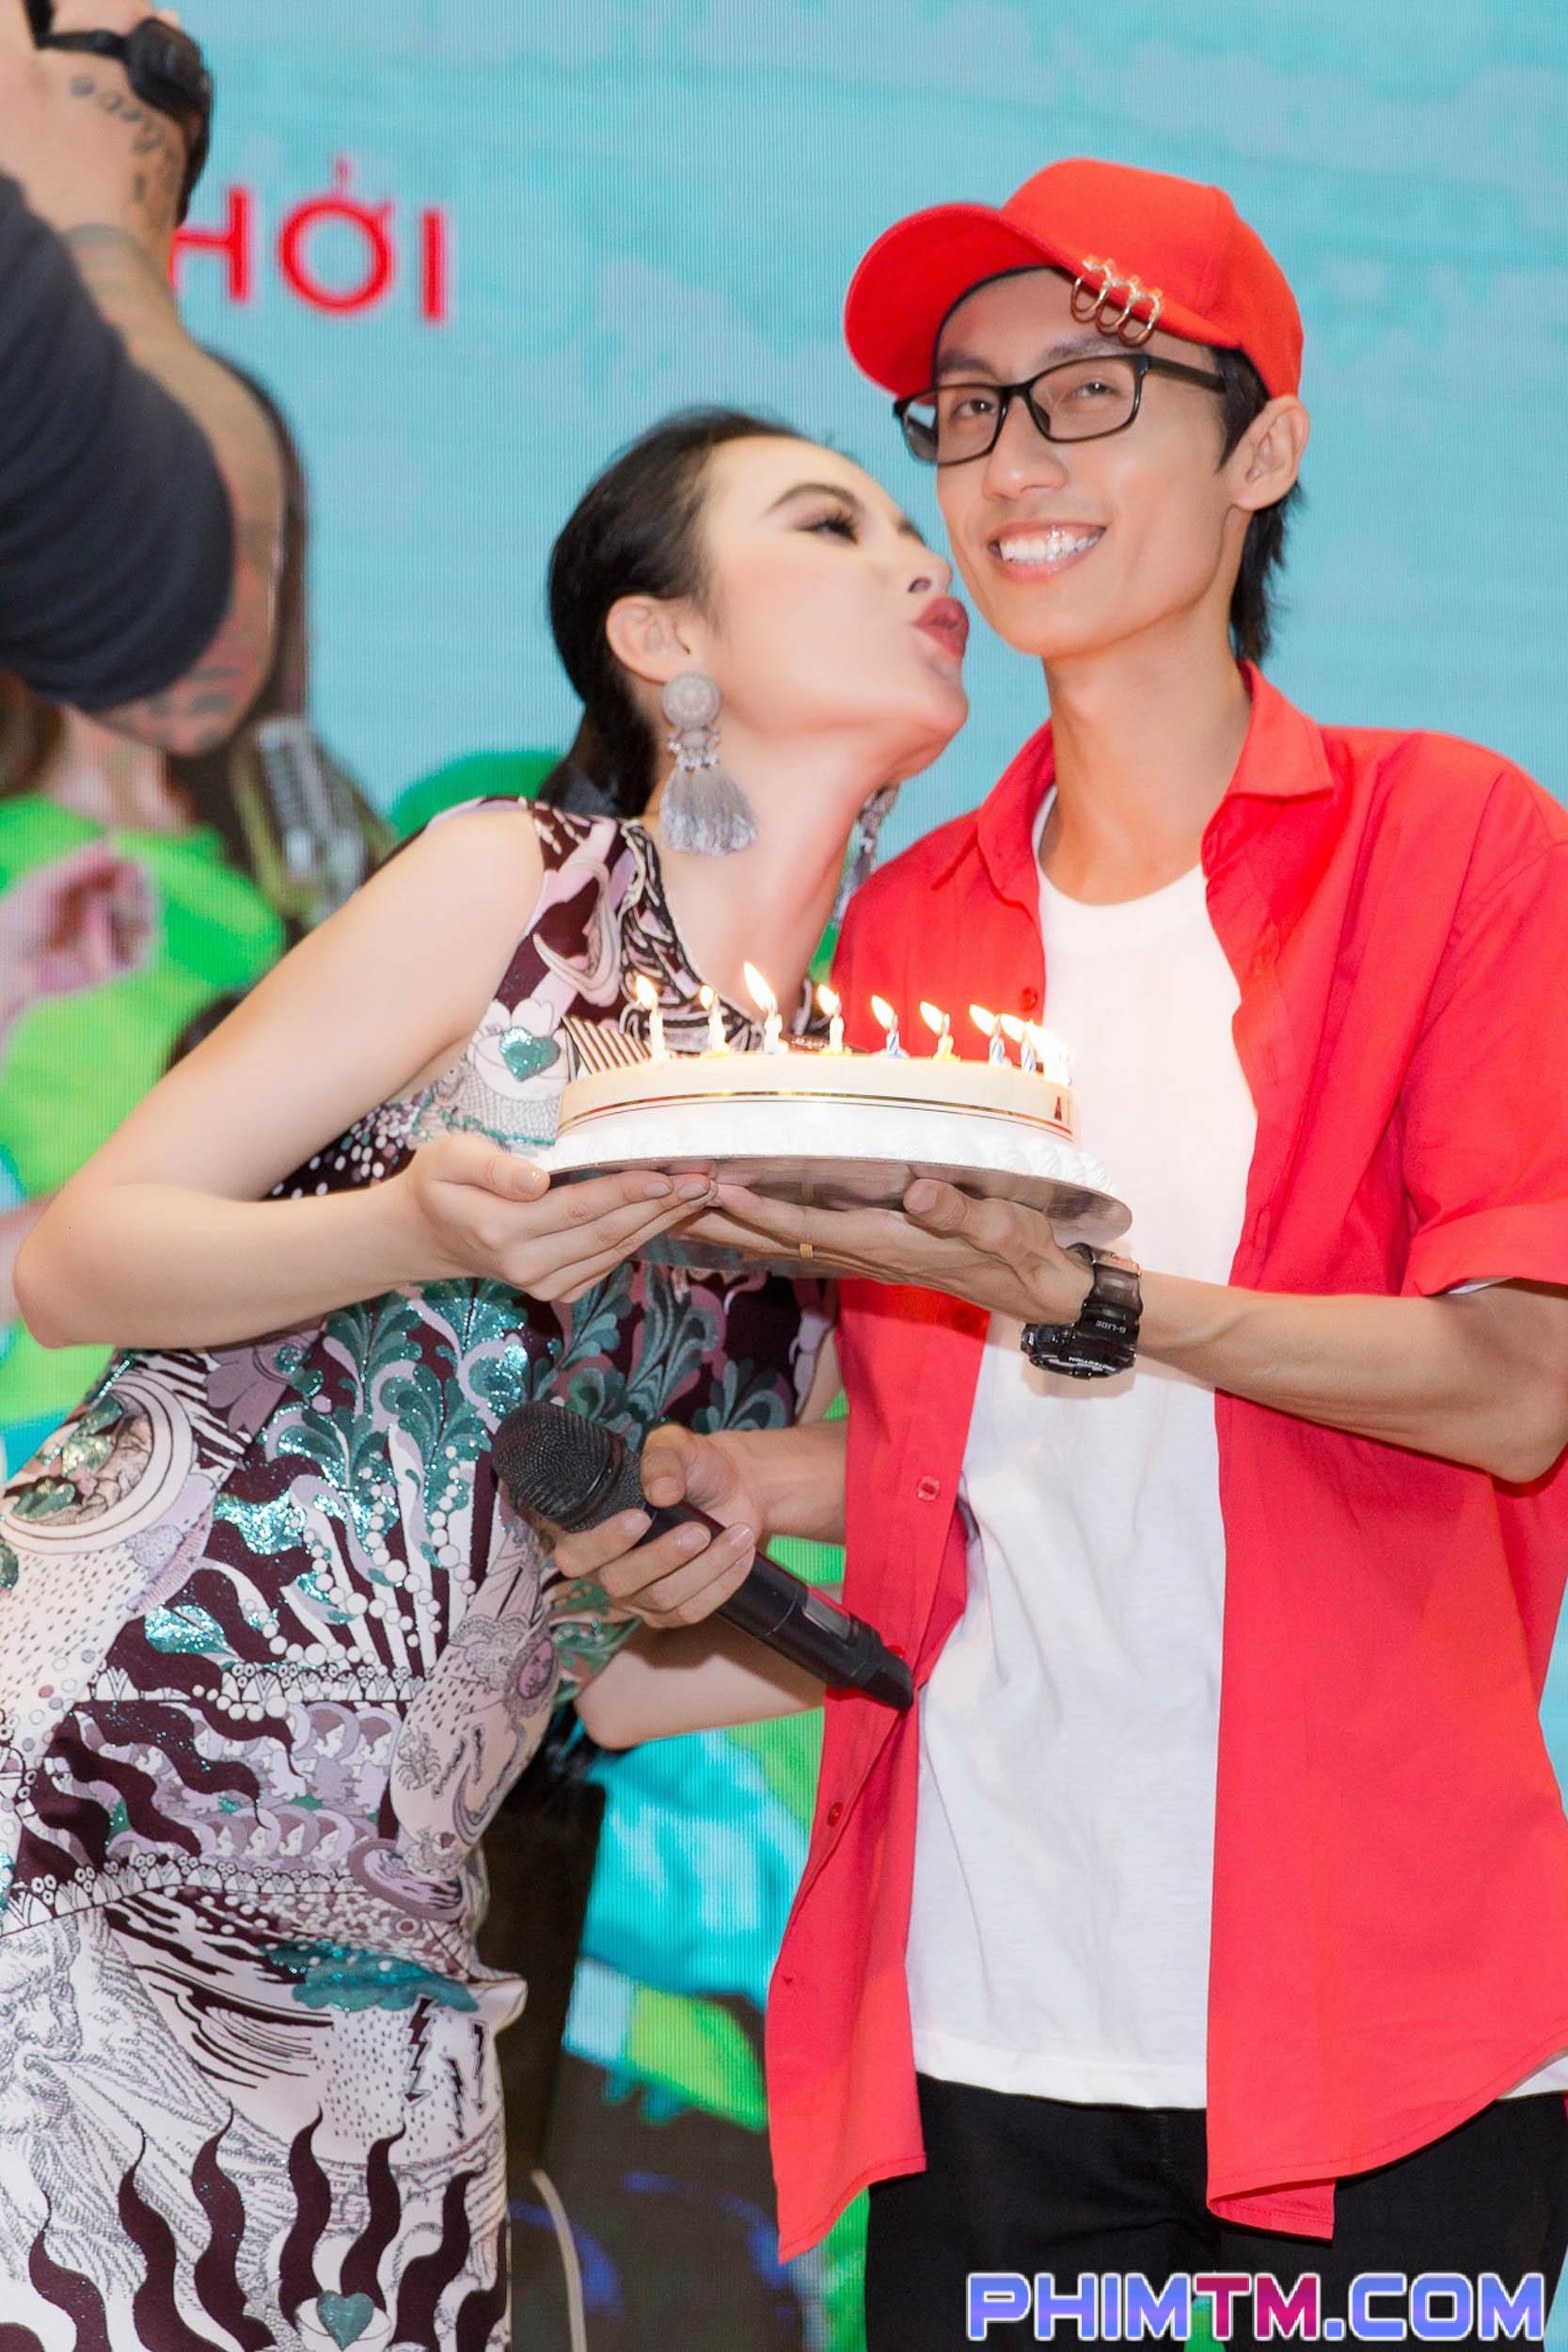 Angela Phương Trinh bất ngờ công bố chuẩn bạn trai ngoài đời phải chất và đàn ông như Hữu Vi - Ảnh 5.